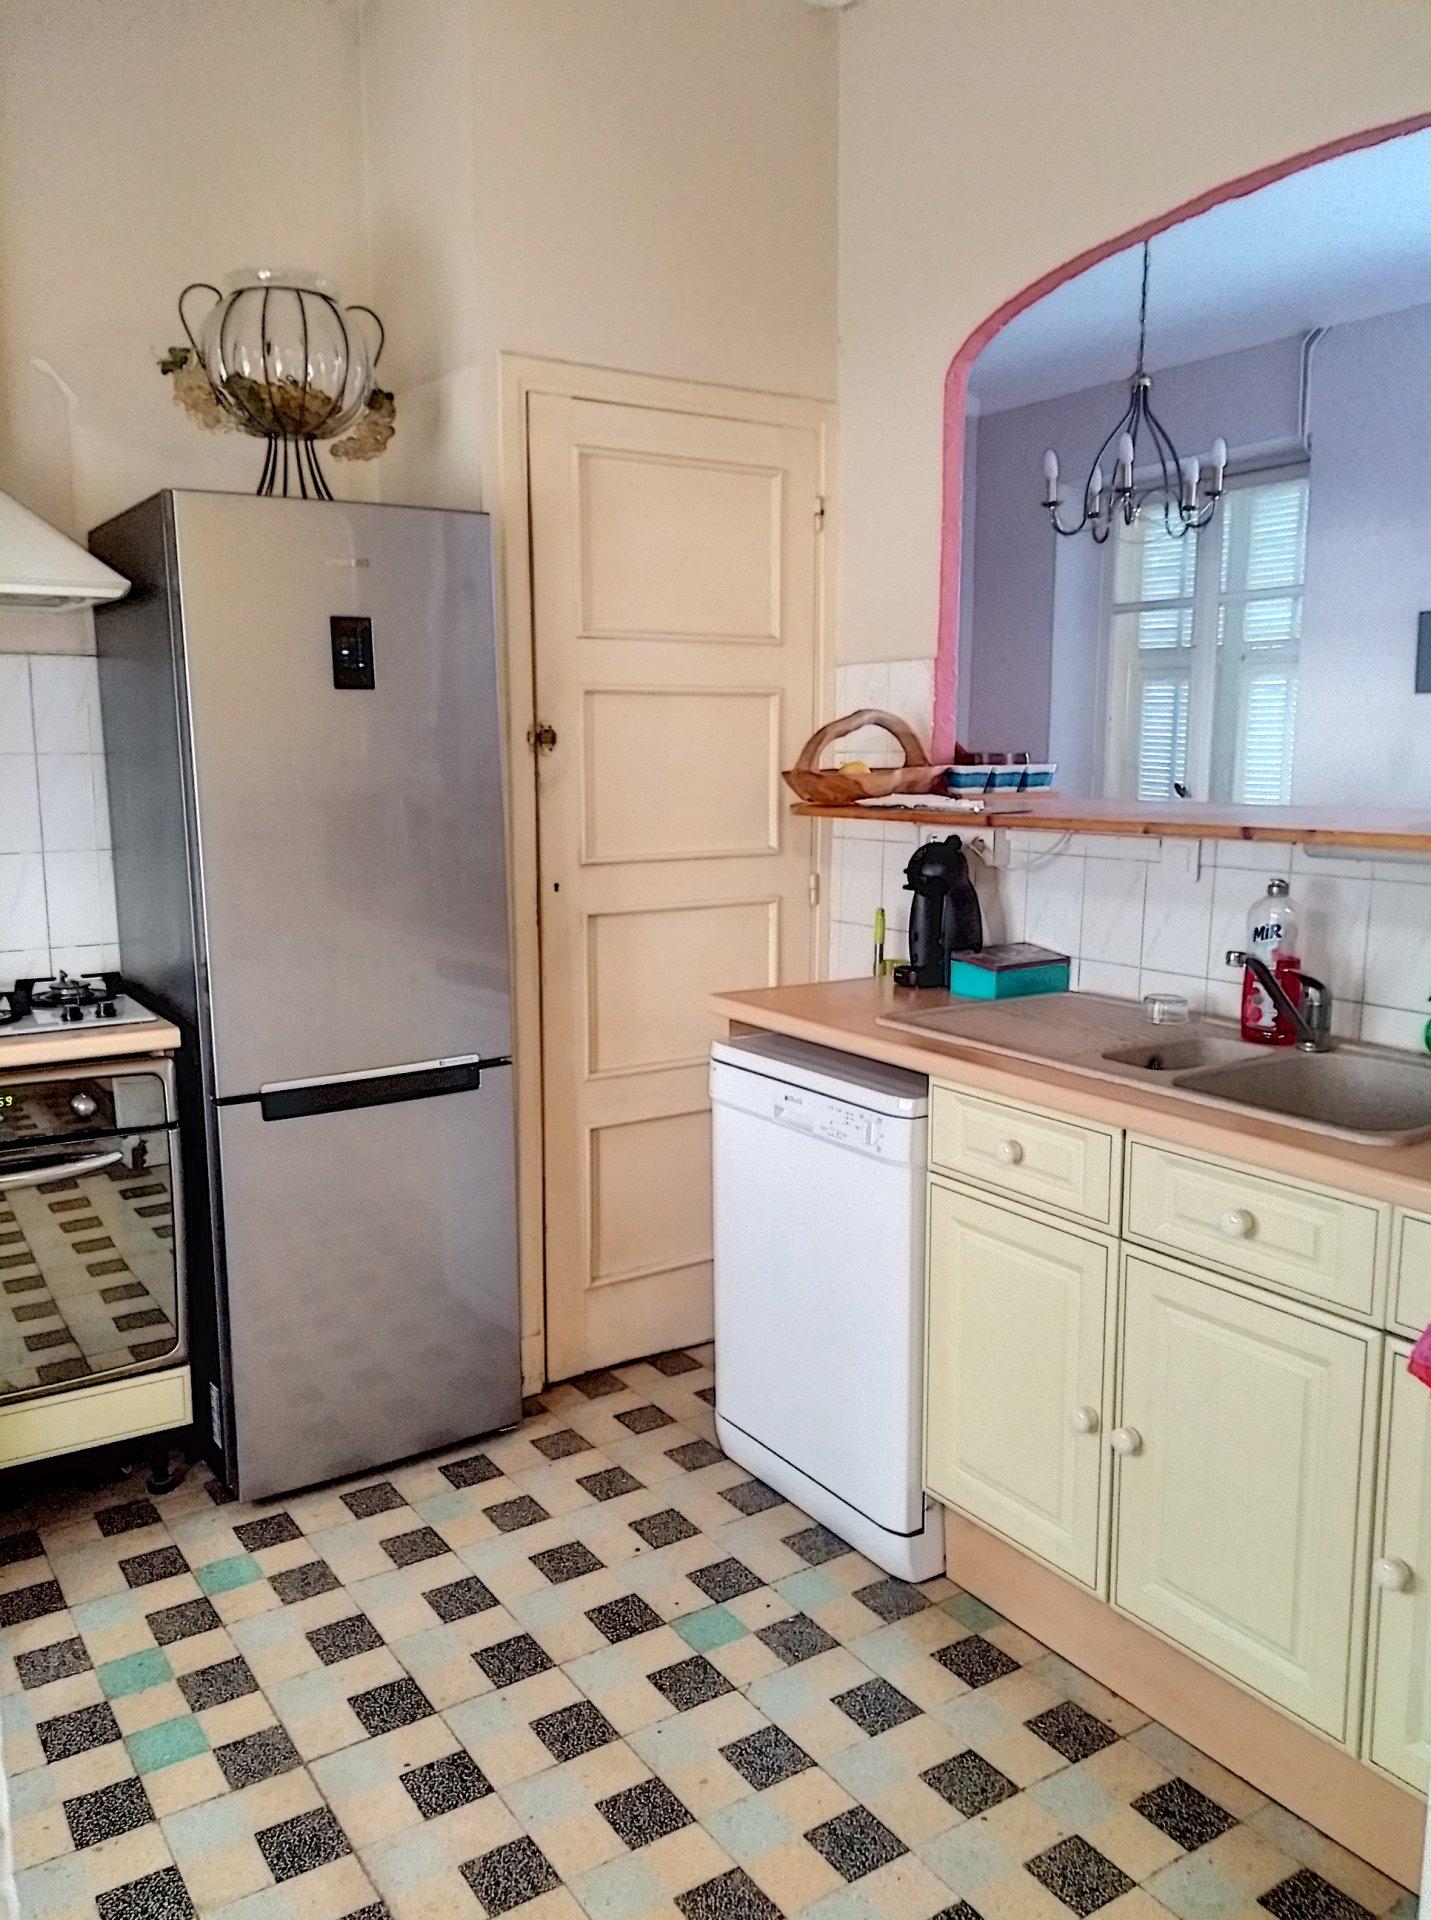 Saint Laurent du Var (06700) - Maison - 4 pièces - Centre de Ville